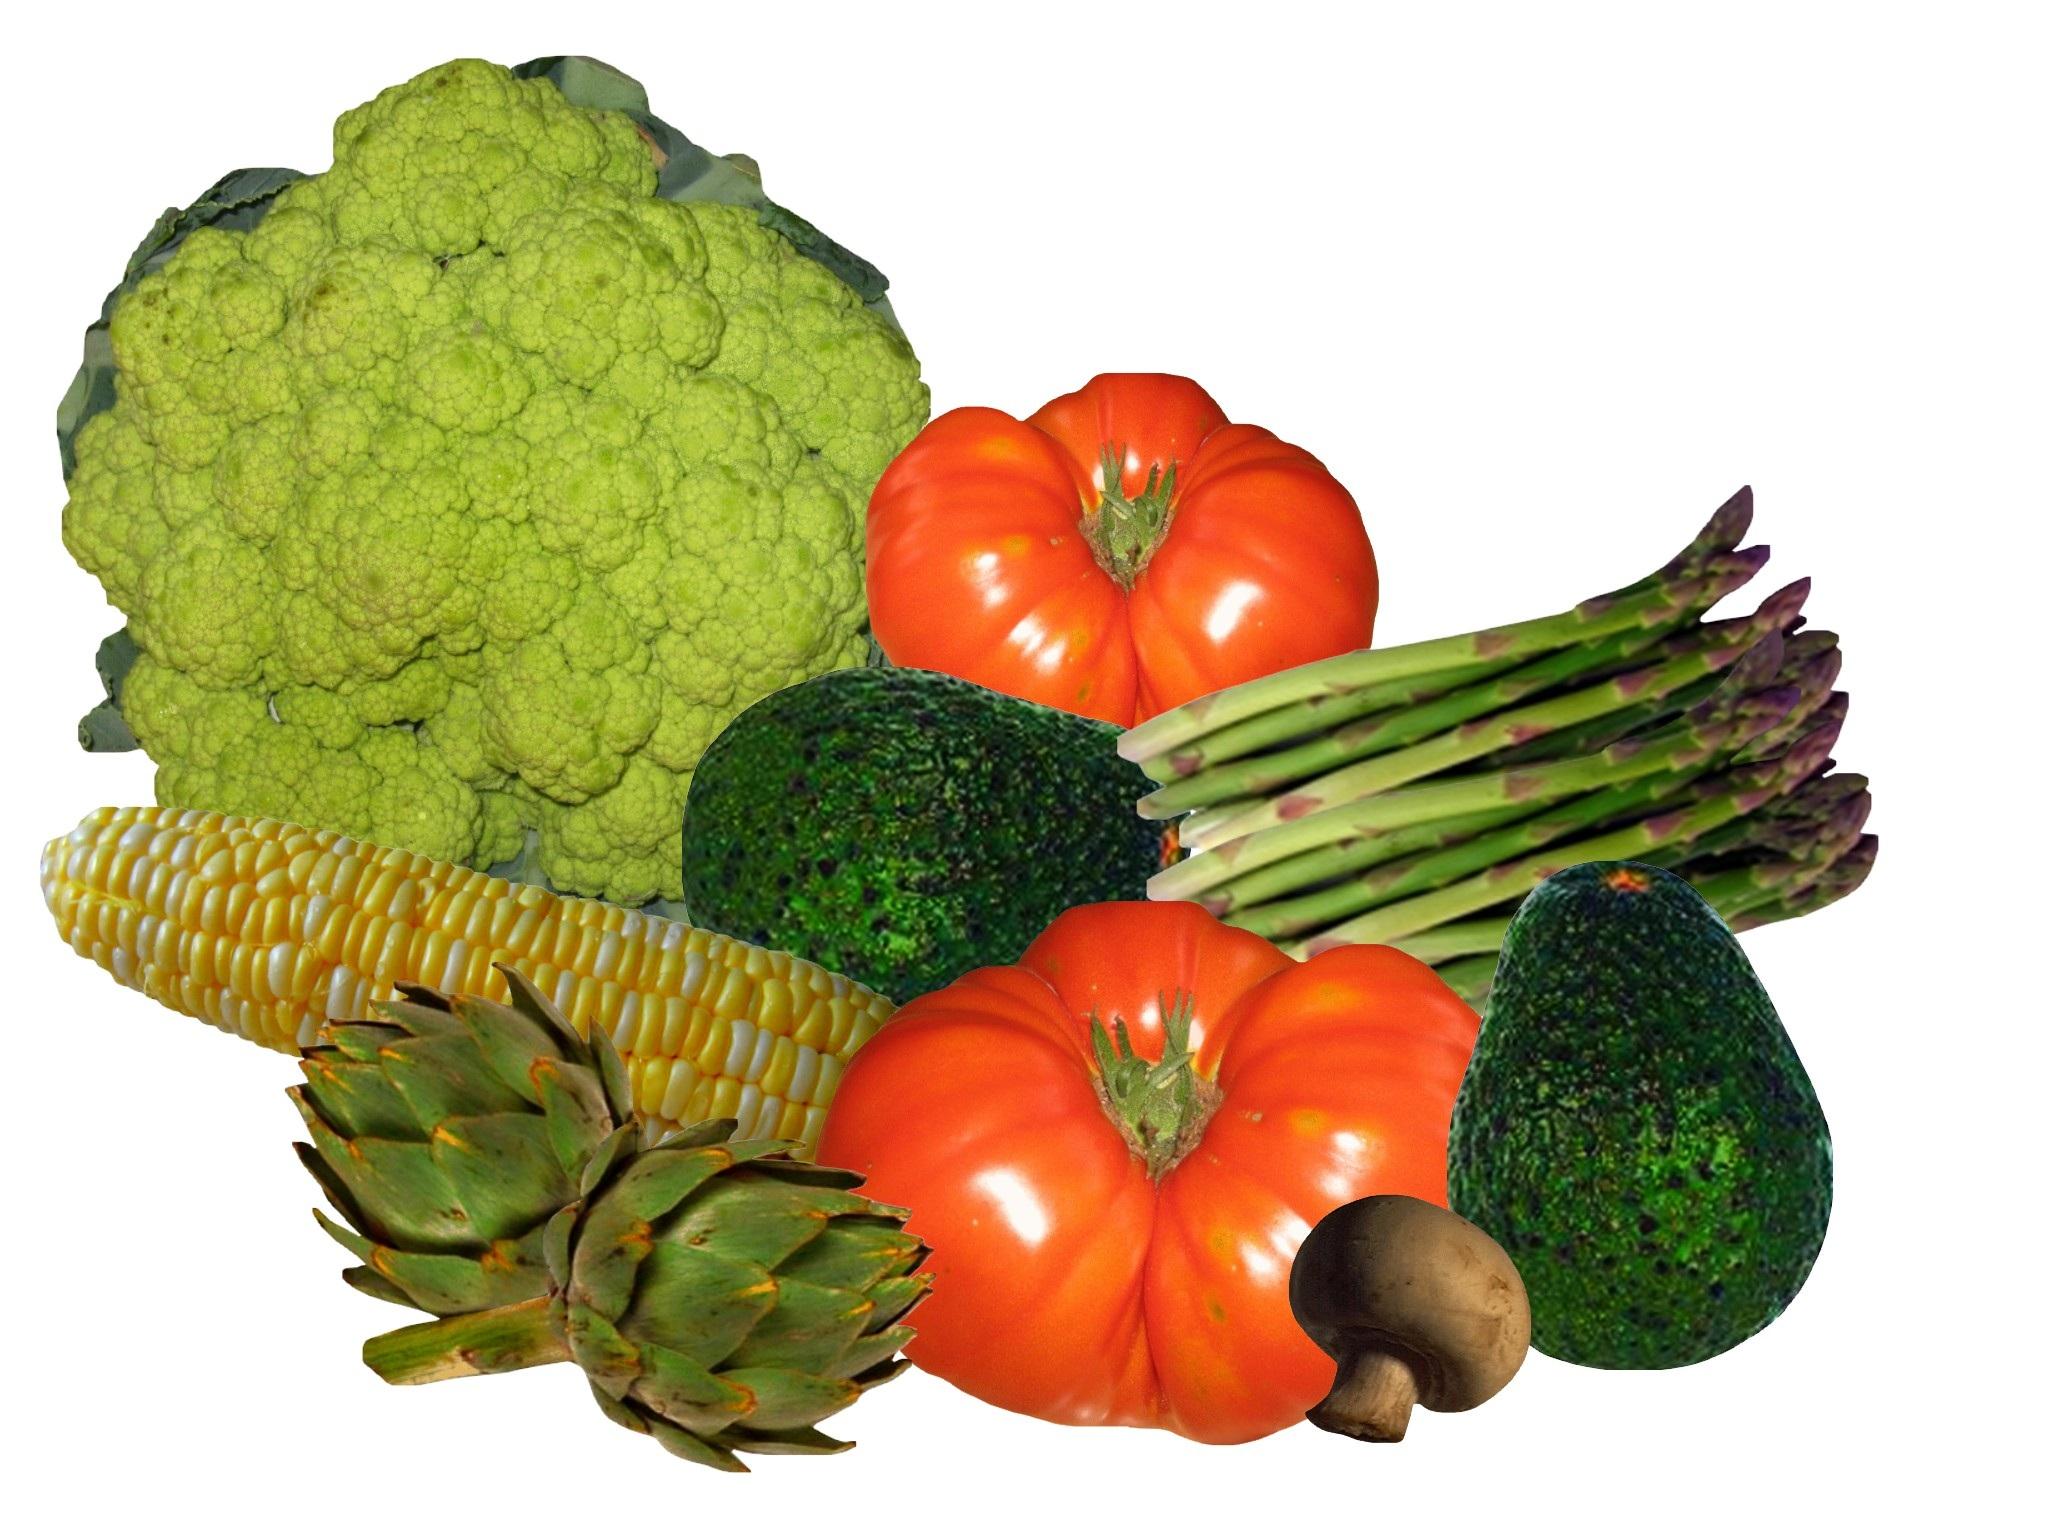 Картинки овощей все вместе